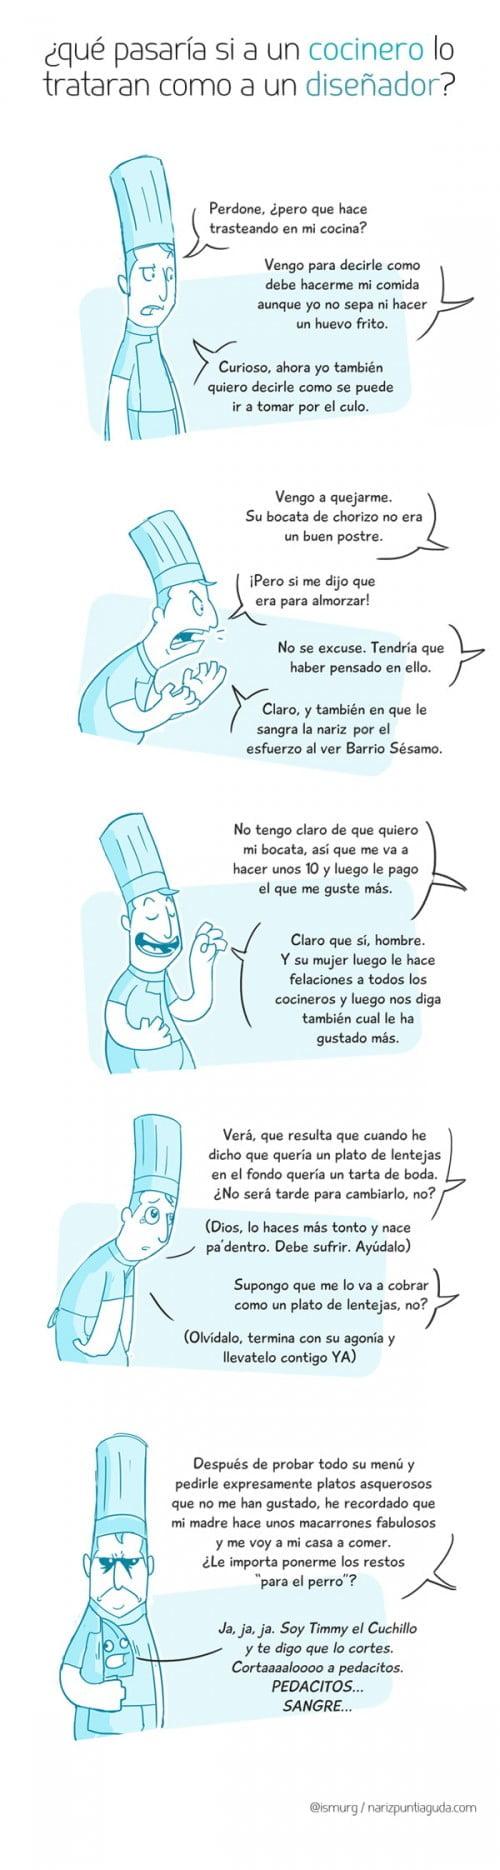 cocinero-disenador-500x1870